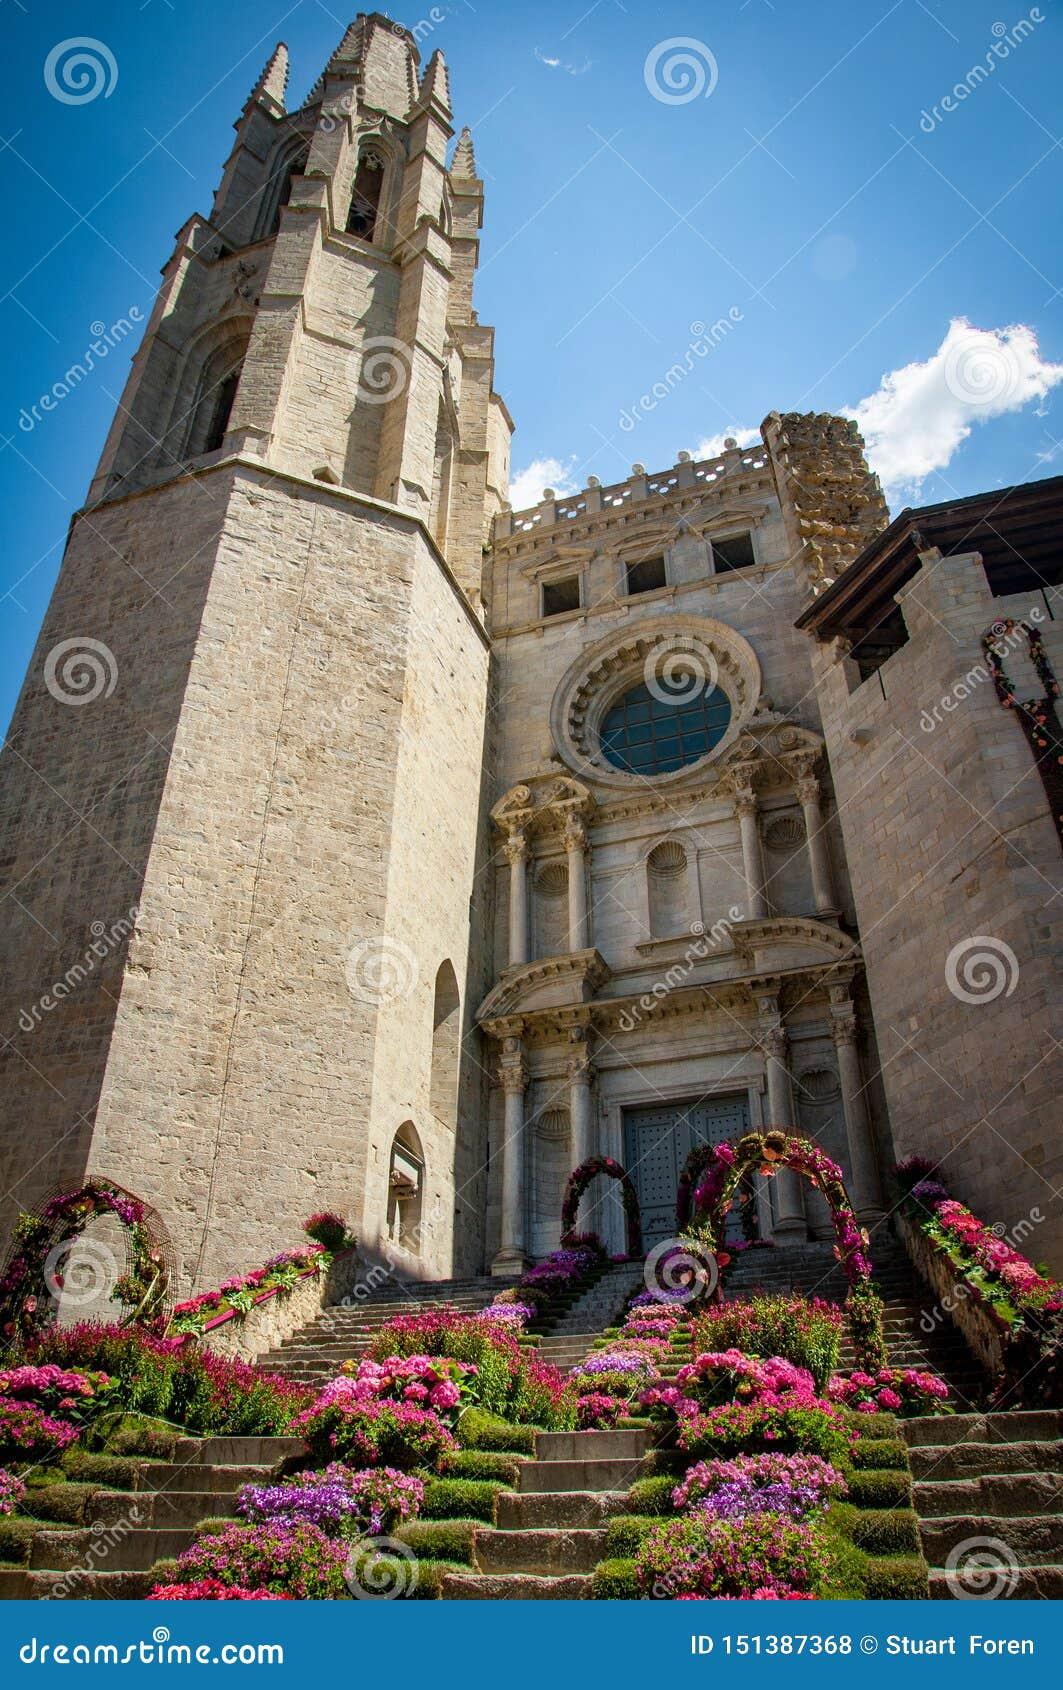 Απολύτως παραπαίουσα αρχιτεκτονική από την όμορφη πόλη Girona